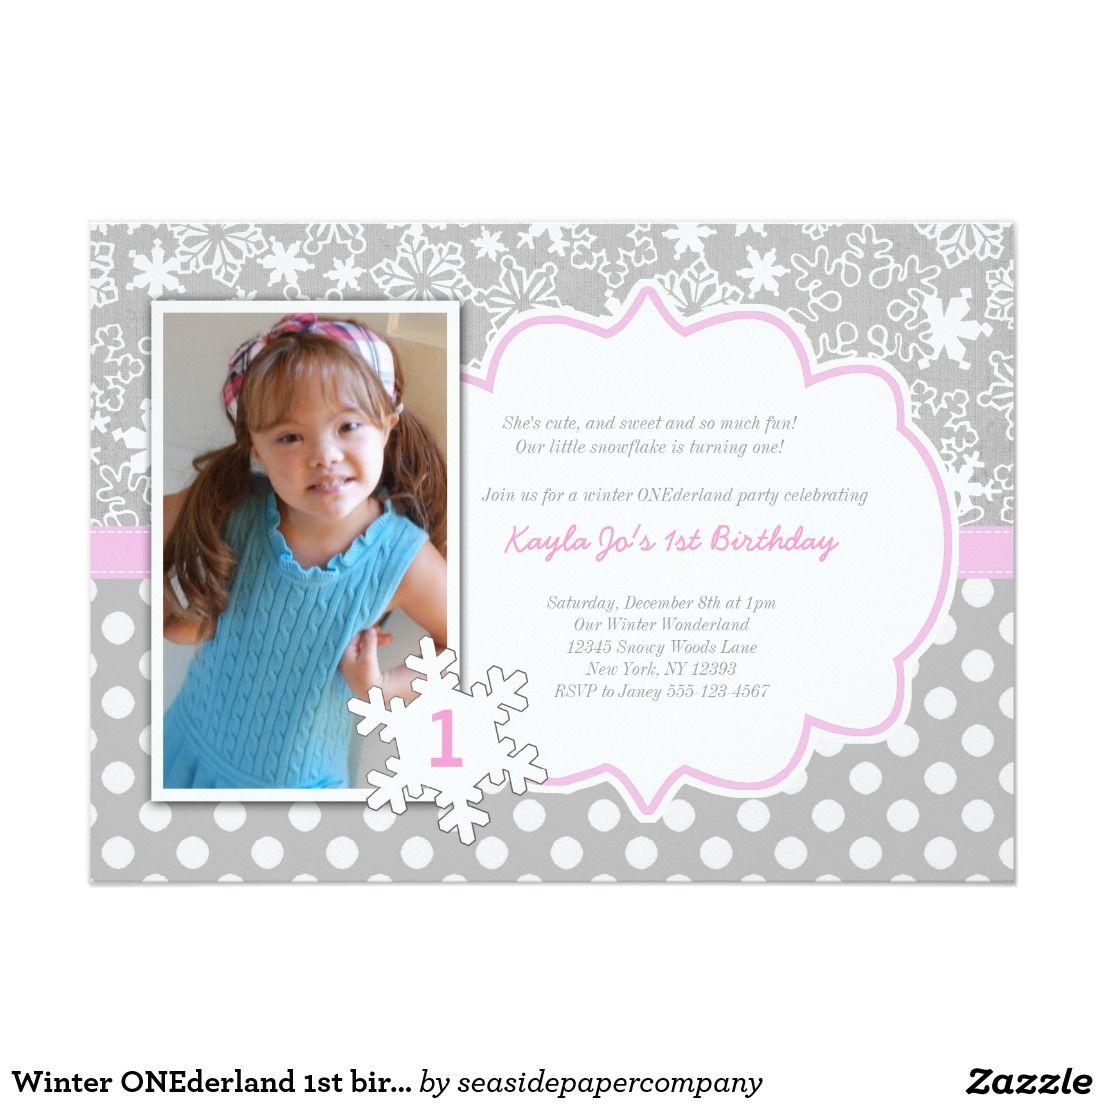 Winter ONEderland 1st birthday invitation | Winter onederland, Party ...